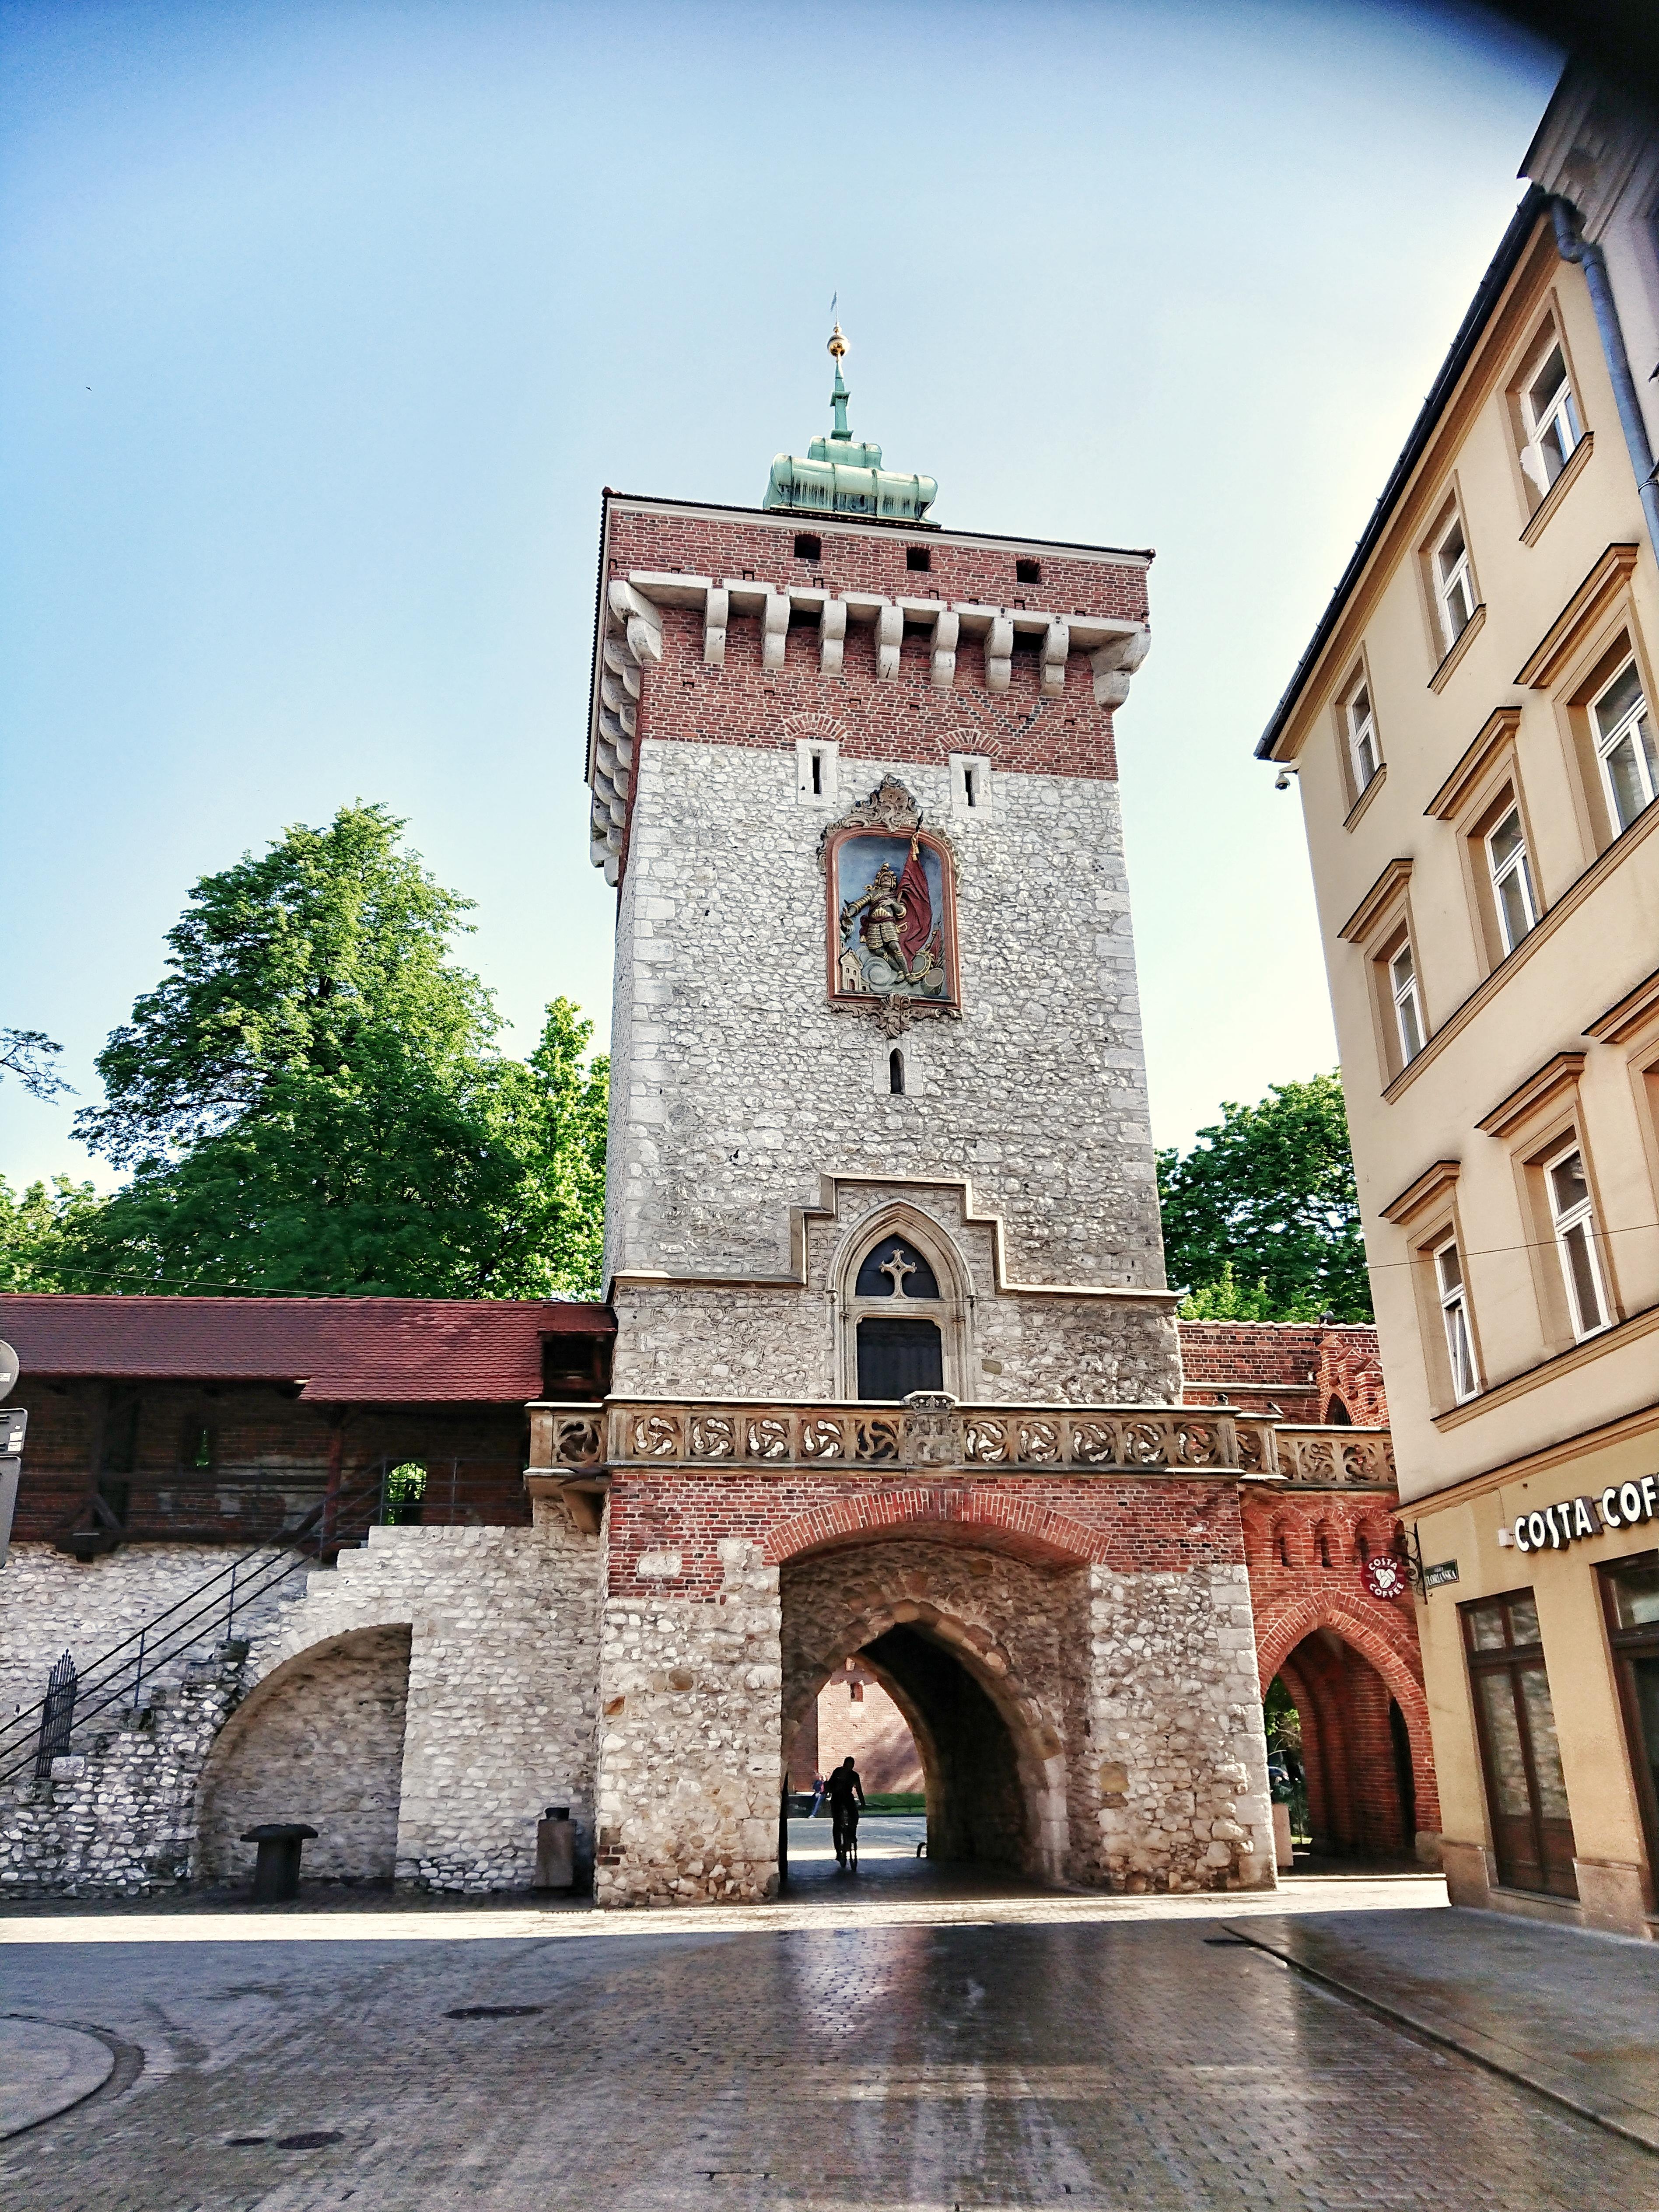 Brama Floriańska w Krakowie, źródło: archiwum autorki